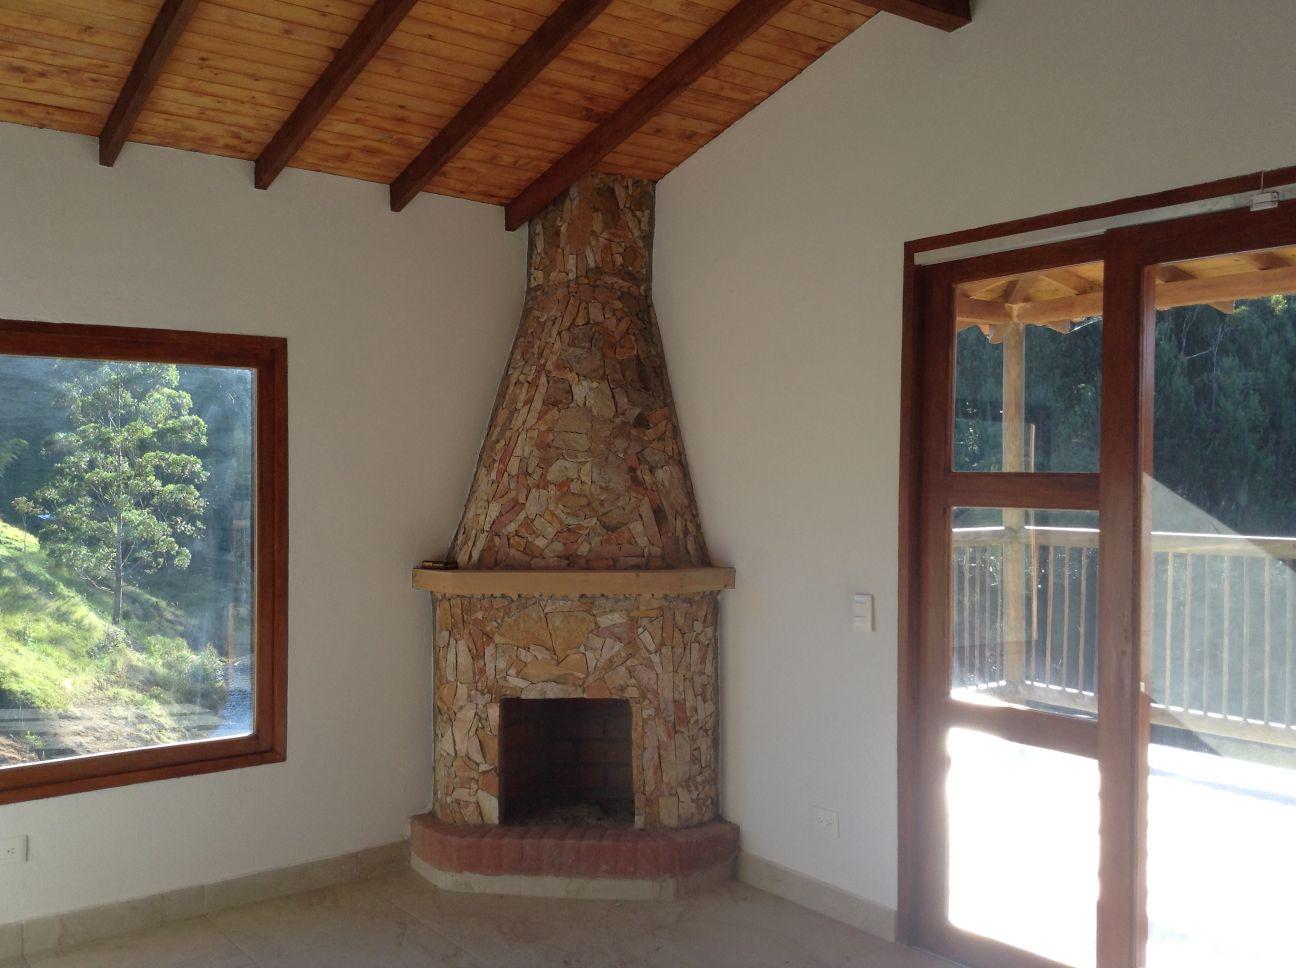 Galeria 5 casas prefabricadas - Casas prefabricadas de lujo ...